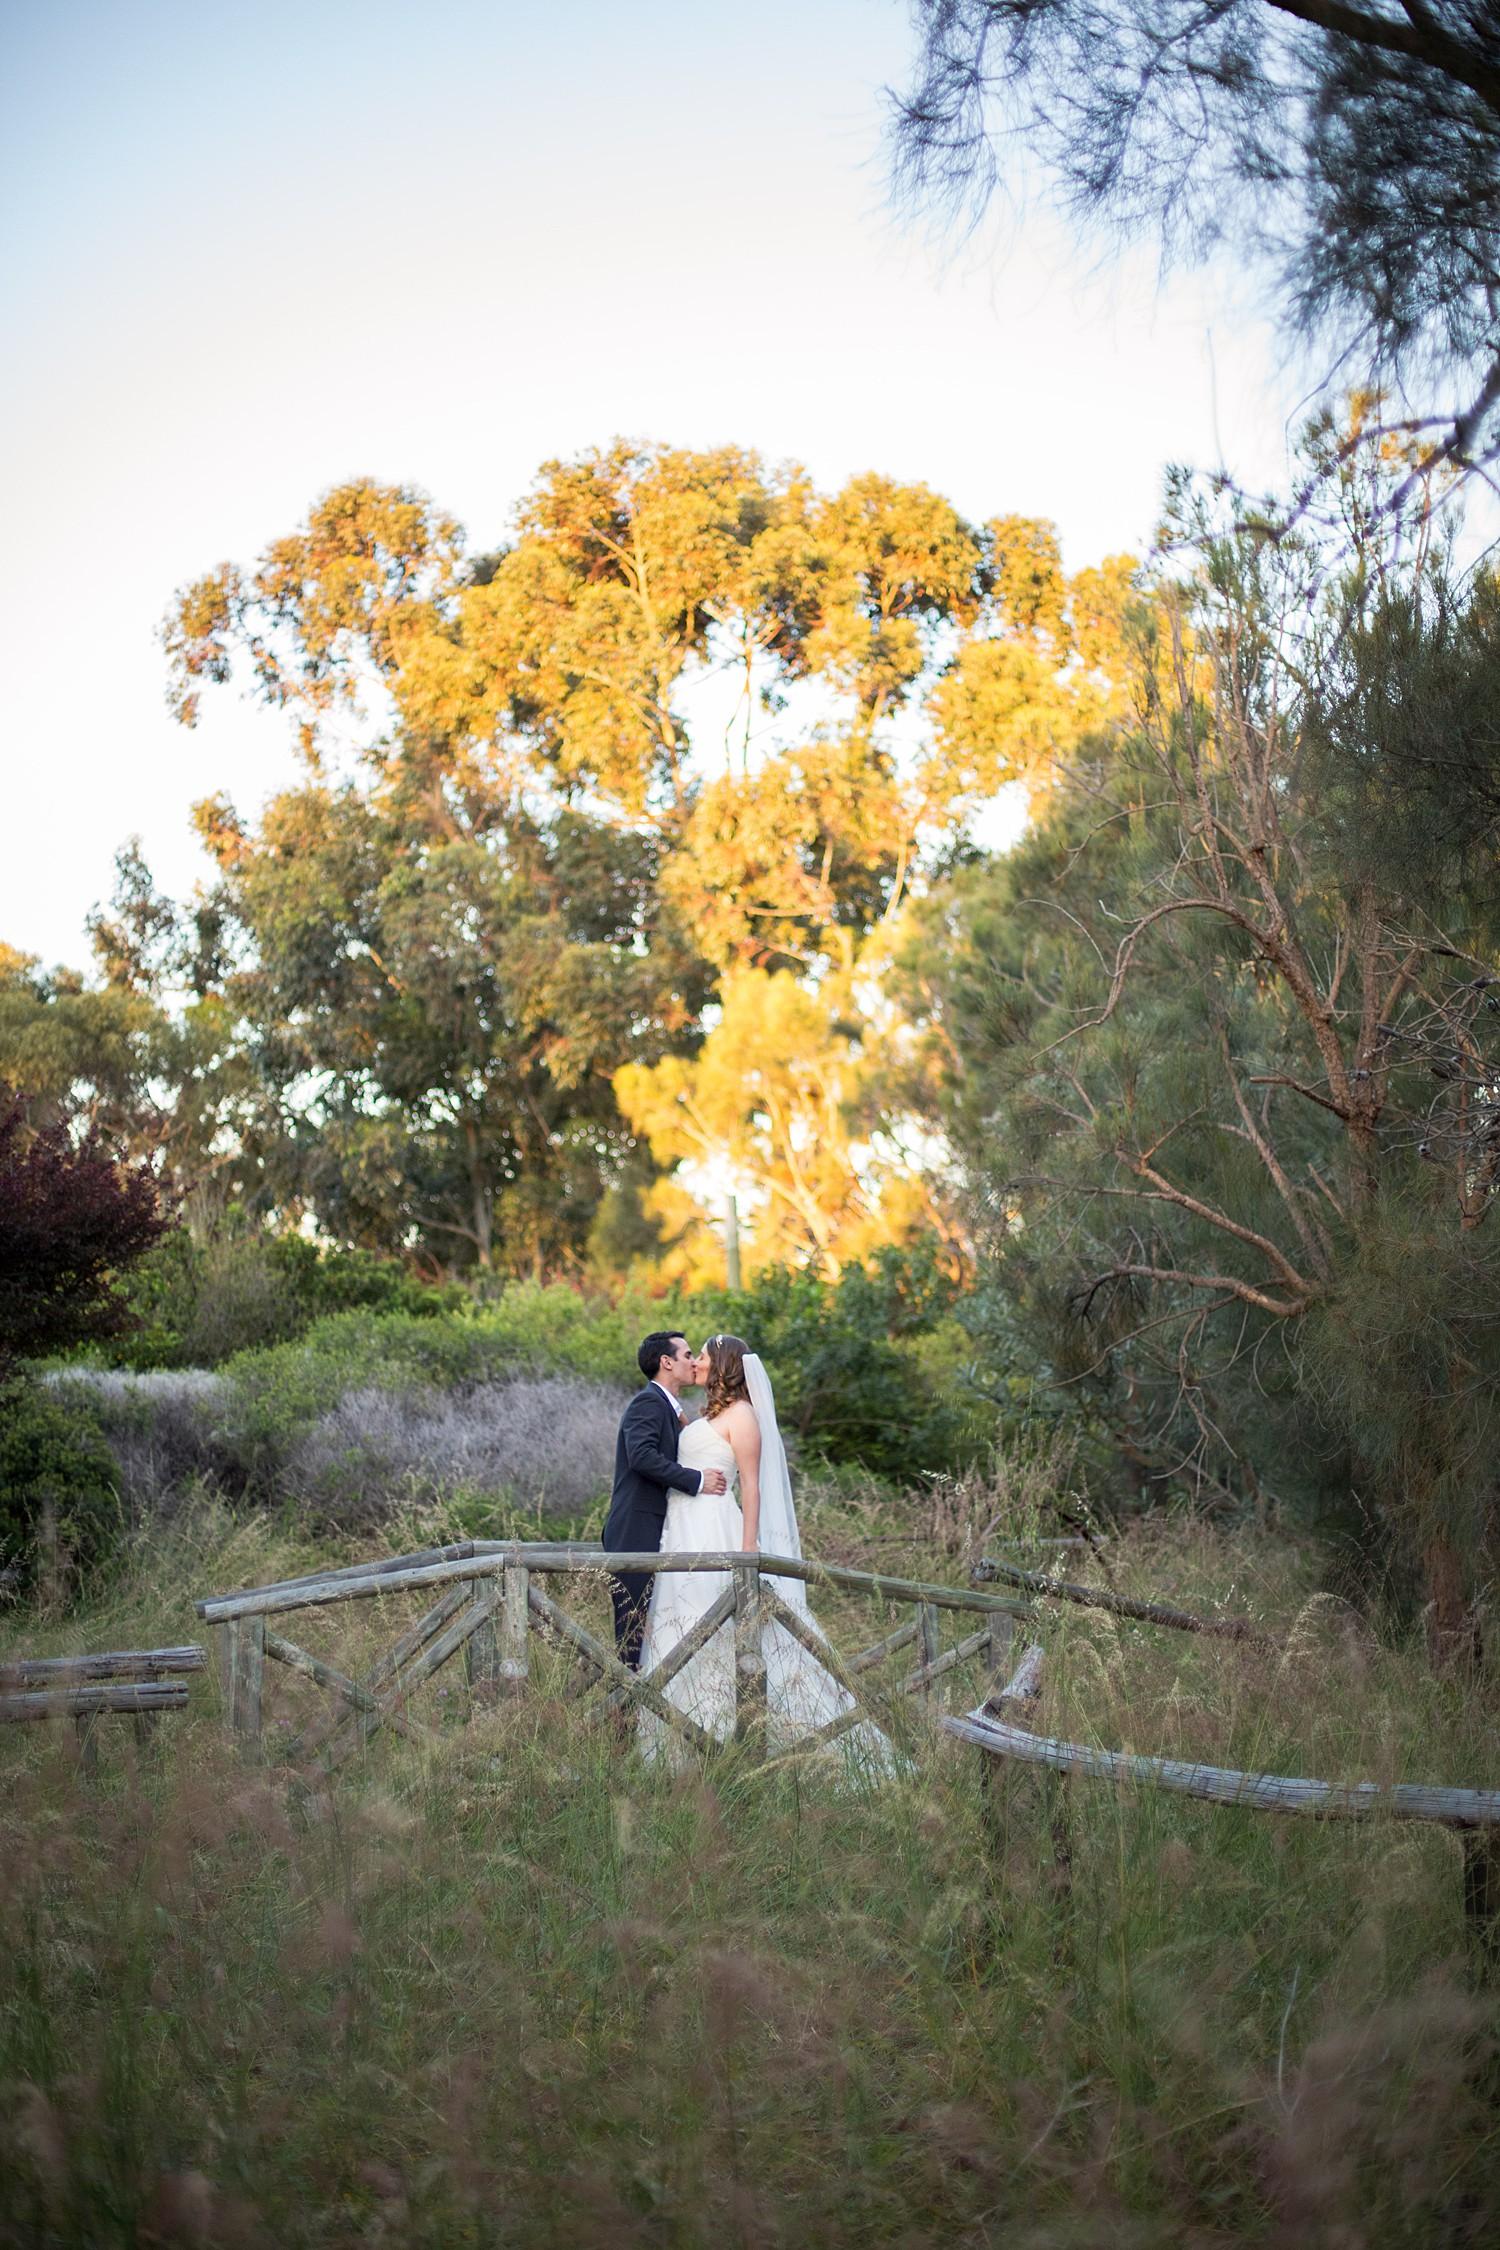 perth_wedding_spring_bridgeleigh_estate_0076.jpg